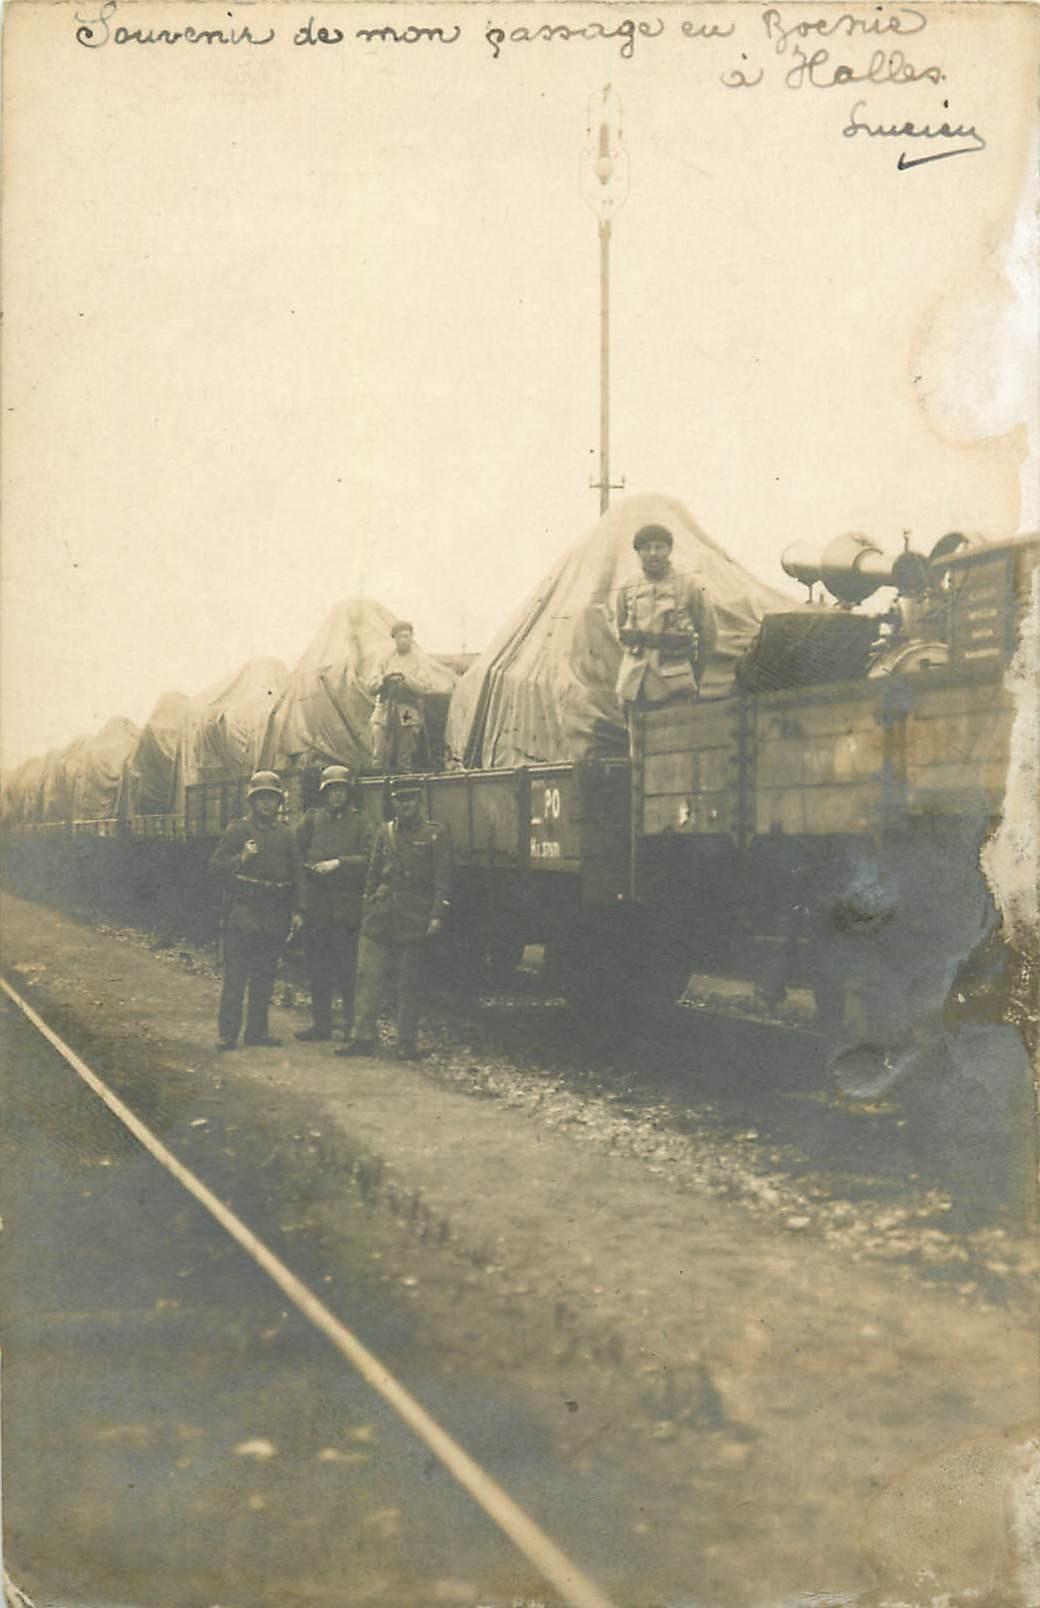 BOSNIE HERZEGIVINE. Militaires et canon sur train lors du passage du Général Haller 1919